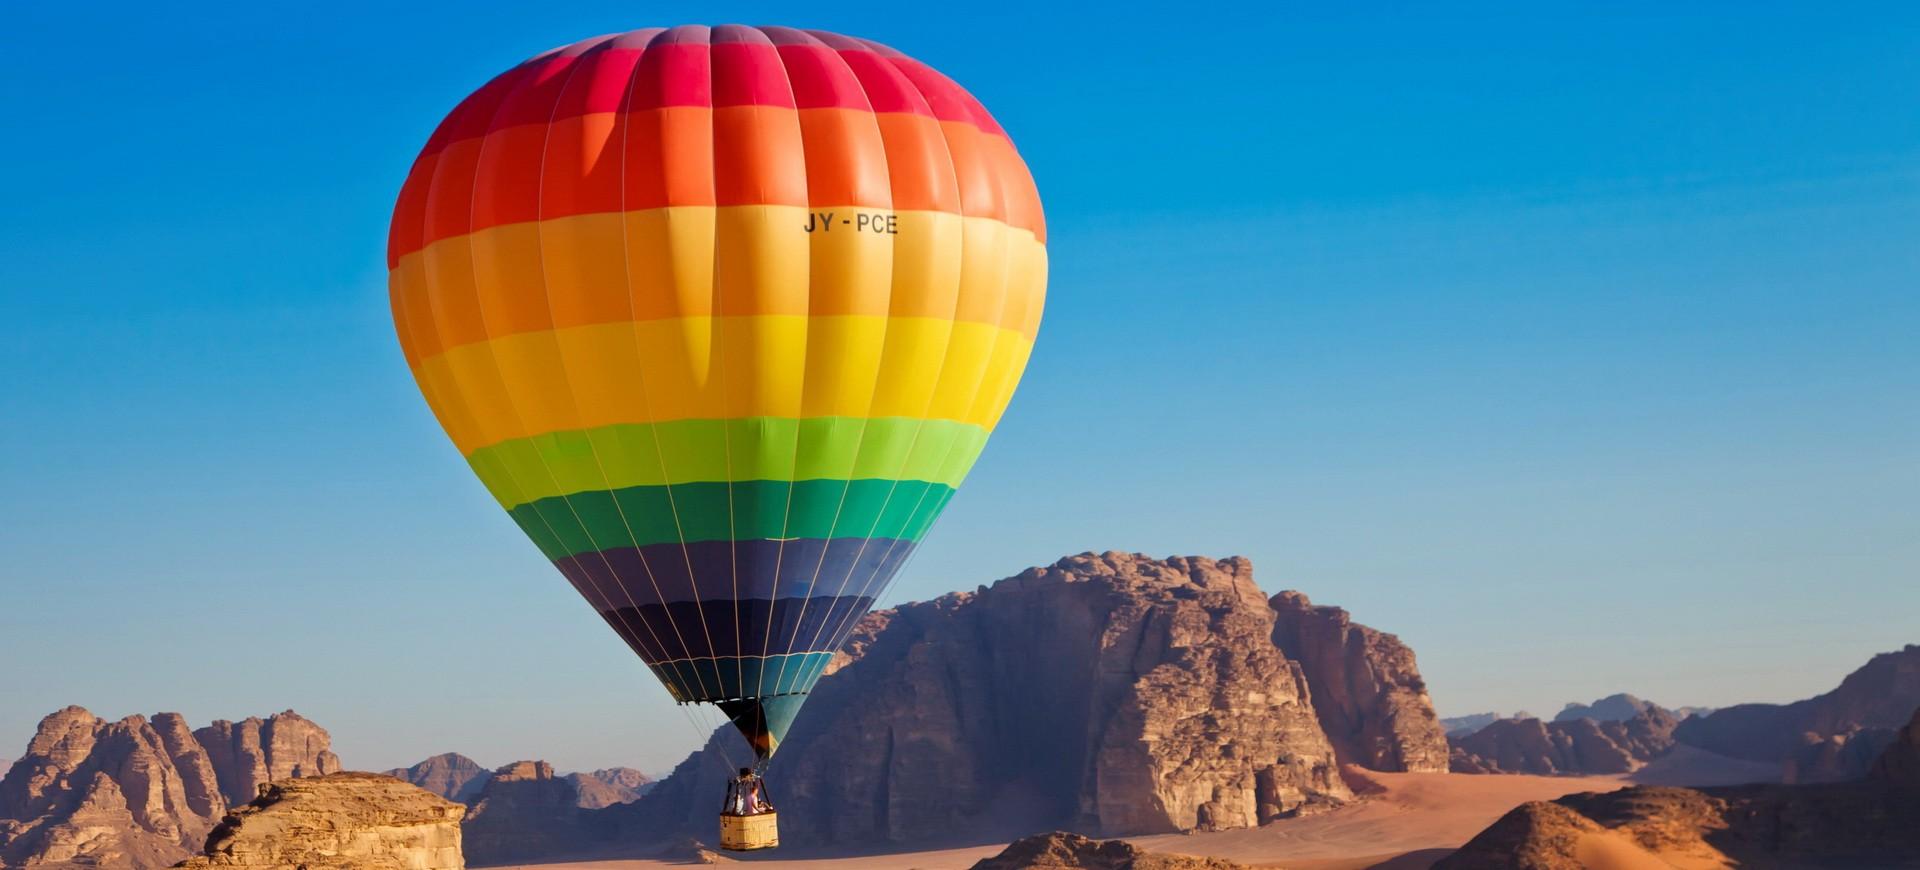 Montgolfière dans le désert de Wadi Rum